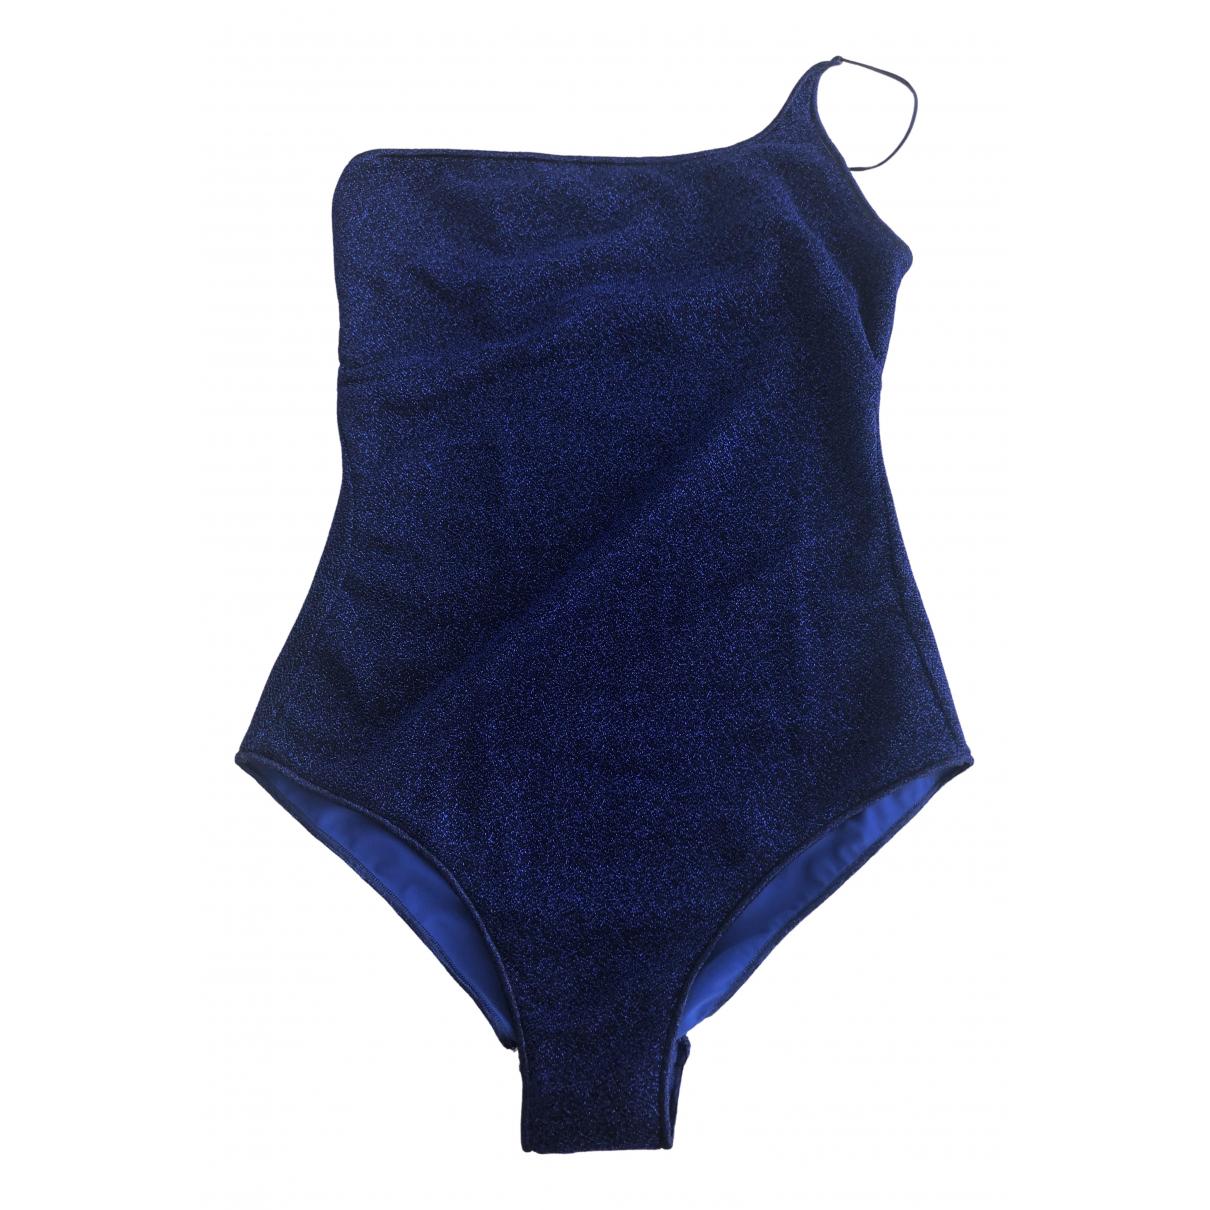 Oseree \N Badeanzug in  Blau Lycra